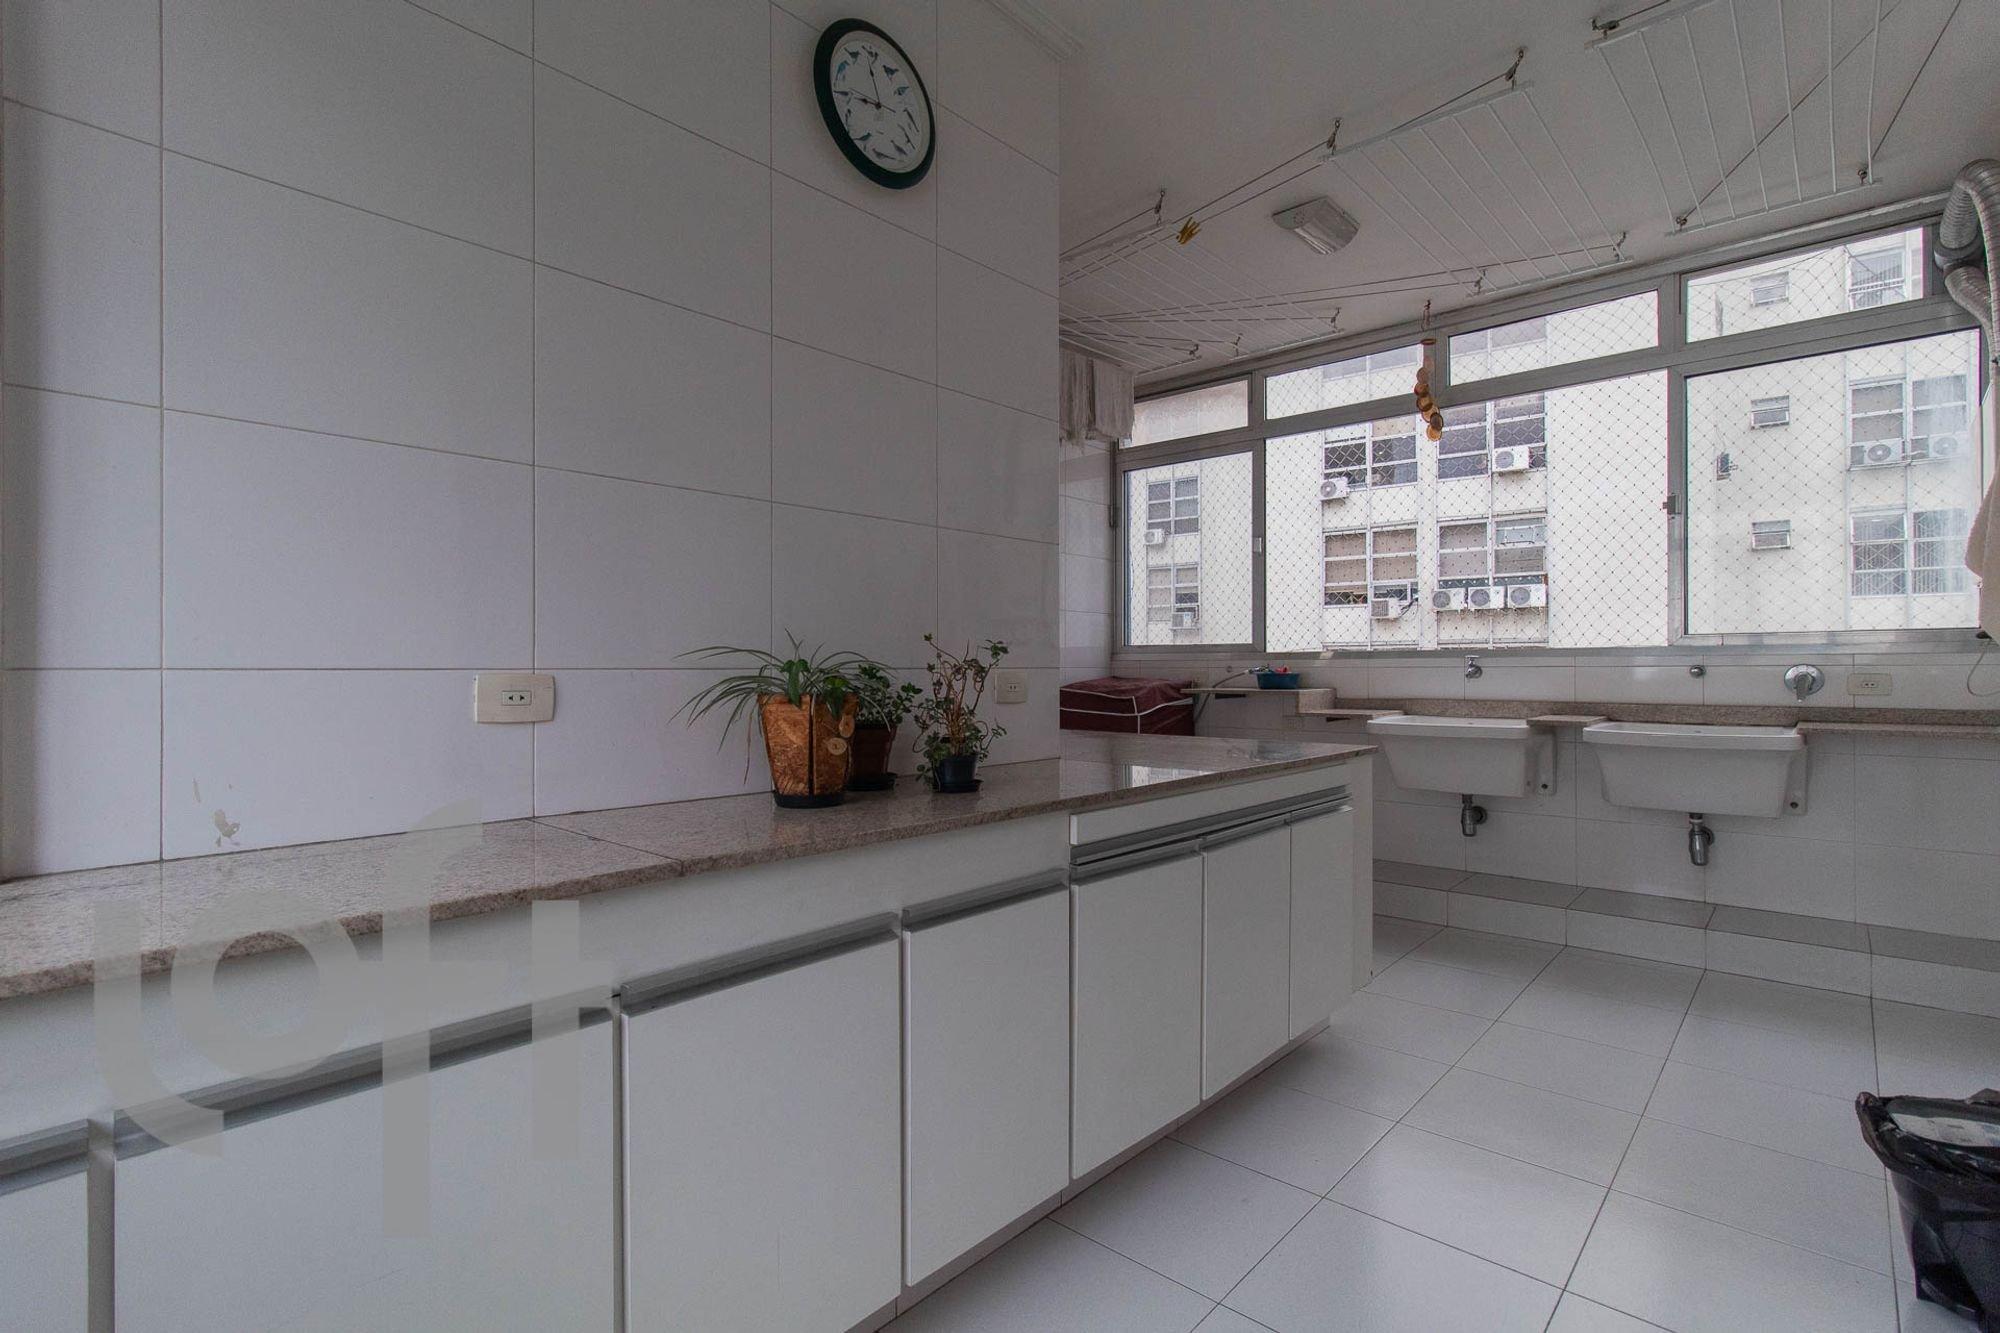 Foto de Cozinha com vaso de planta, relógio